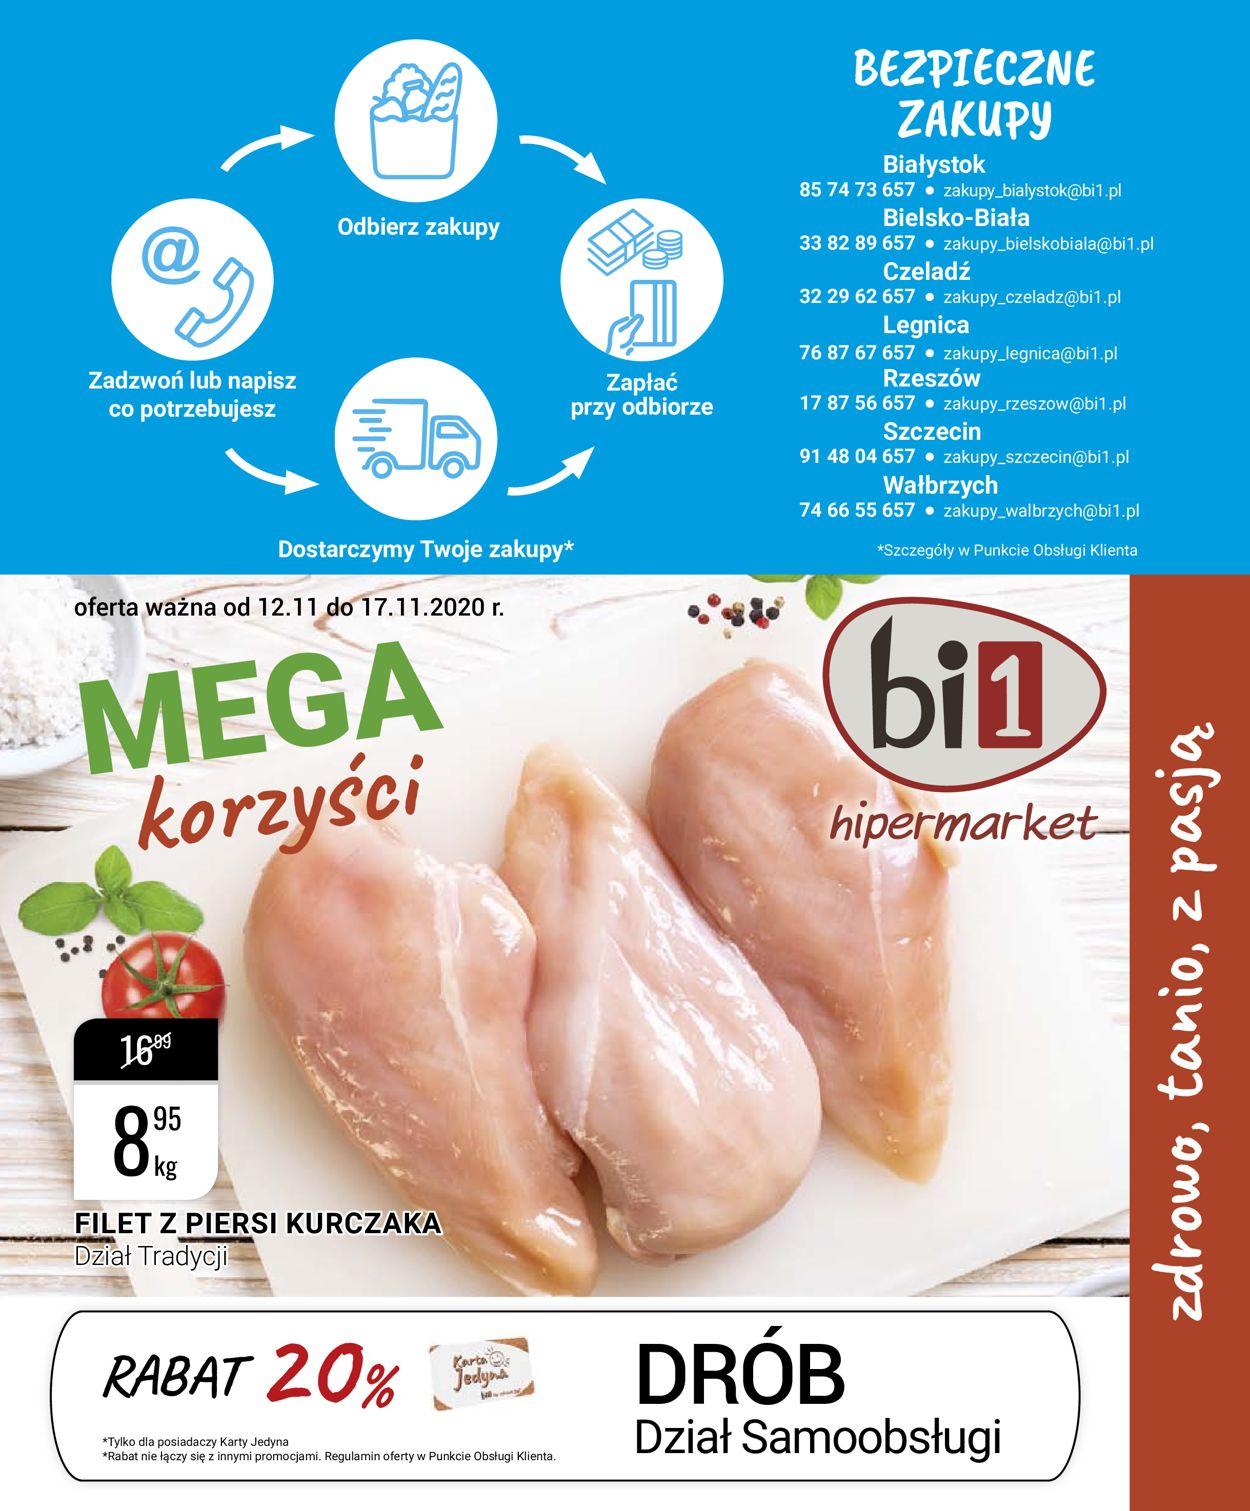 Gazetka promocyjna bi1 - 12.11-17.11.2020